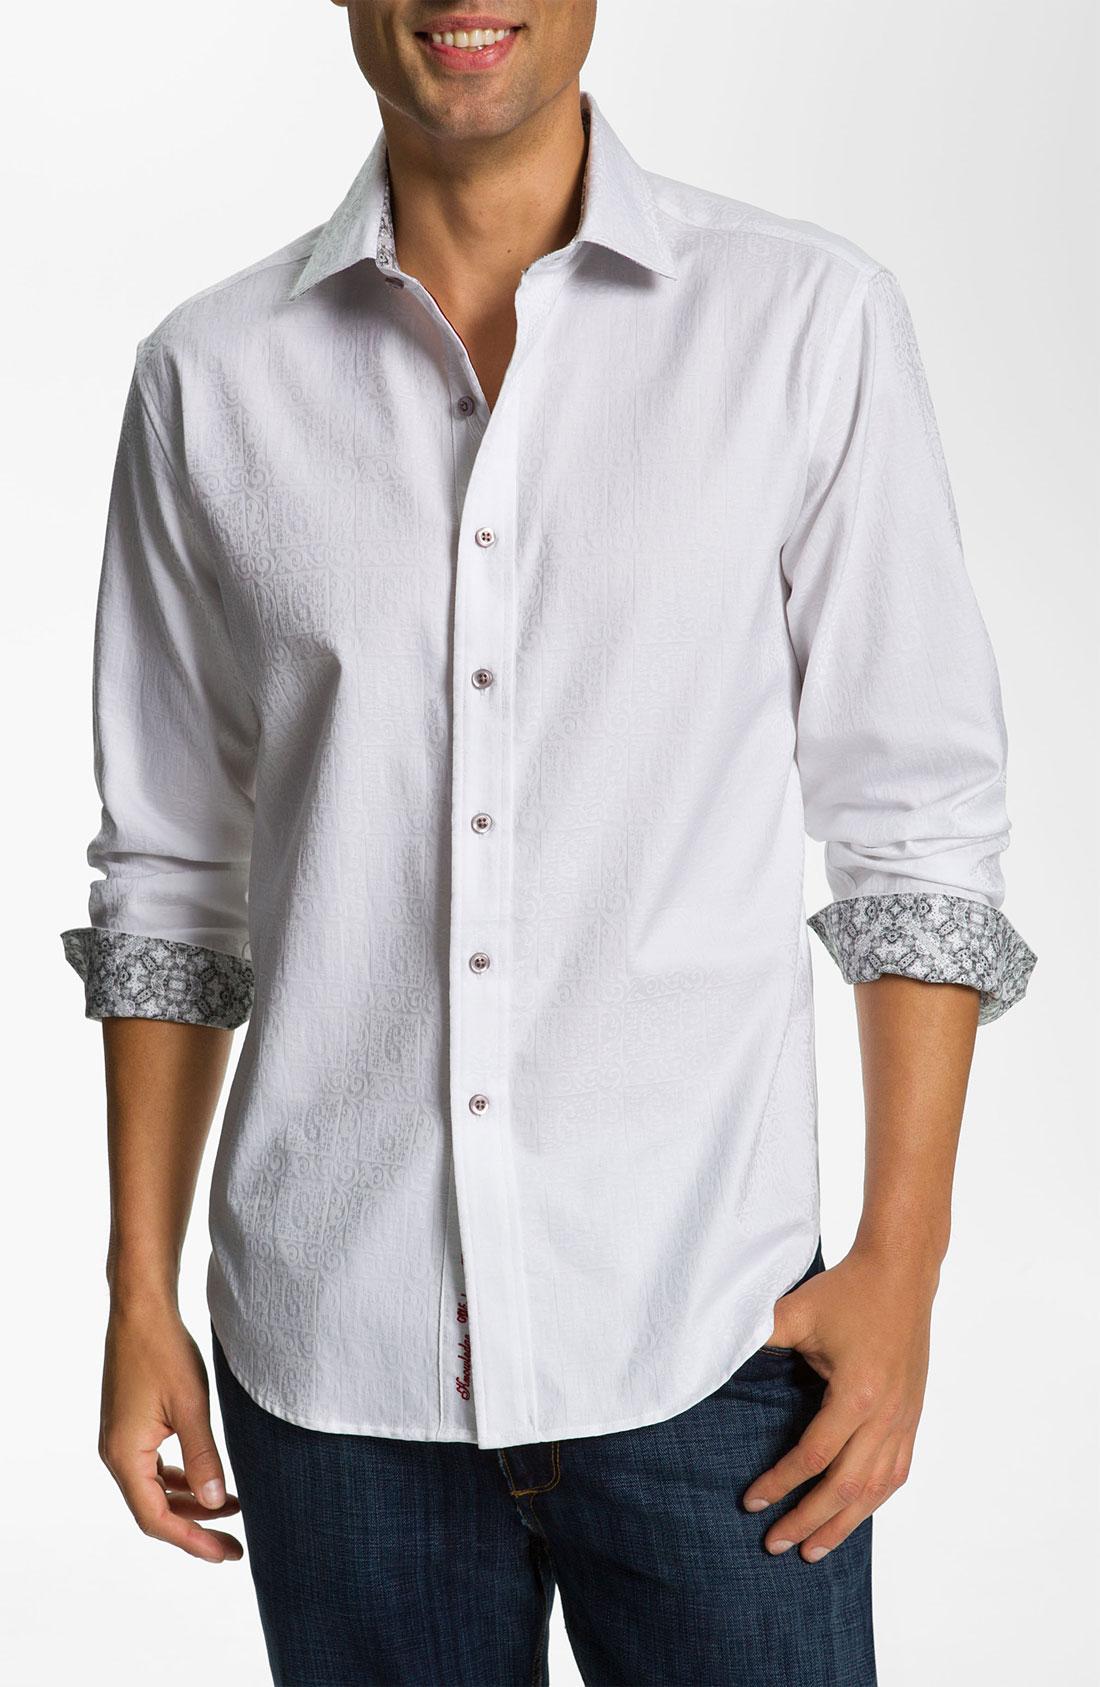 Robert graham windsor sport shirt in white for men lyst for Robert graham sport shirt